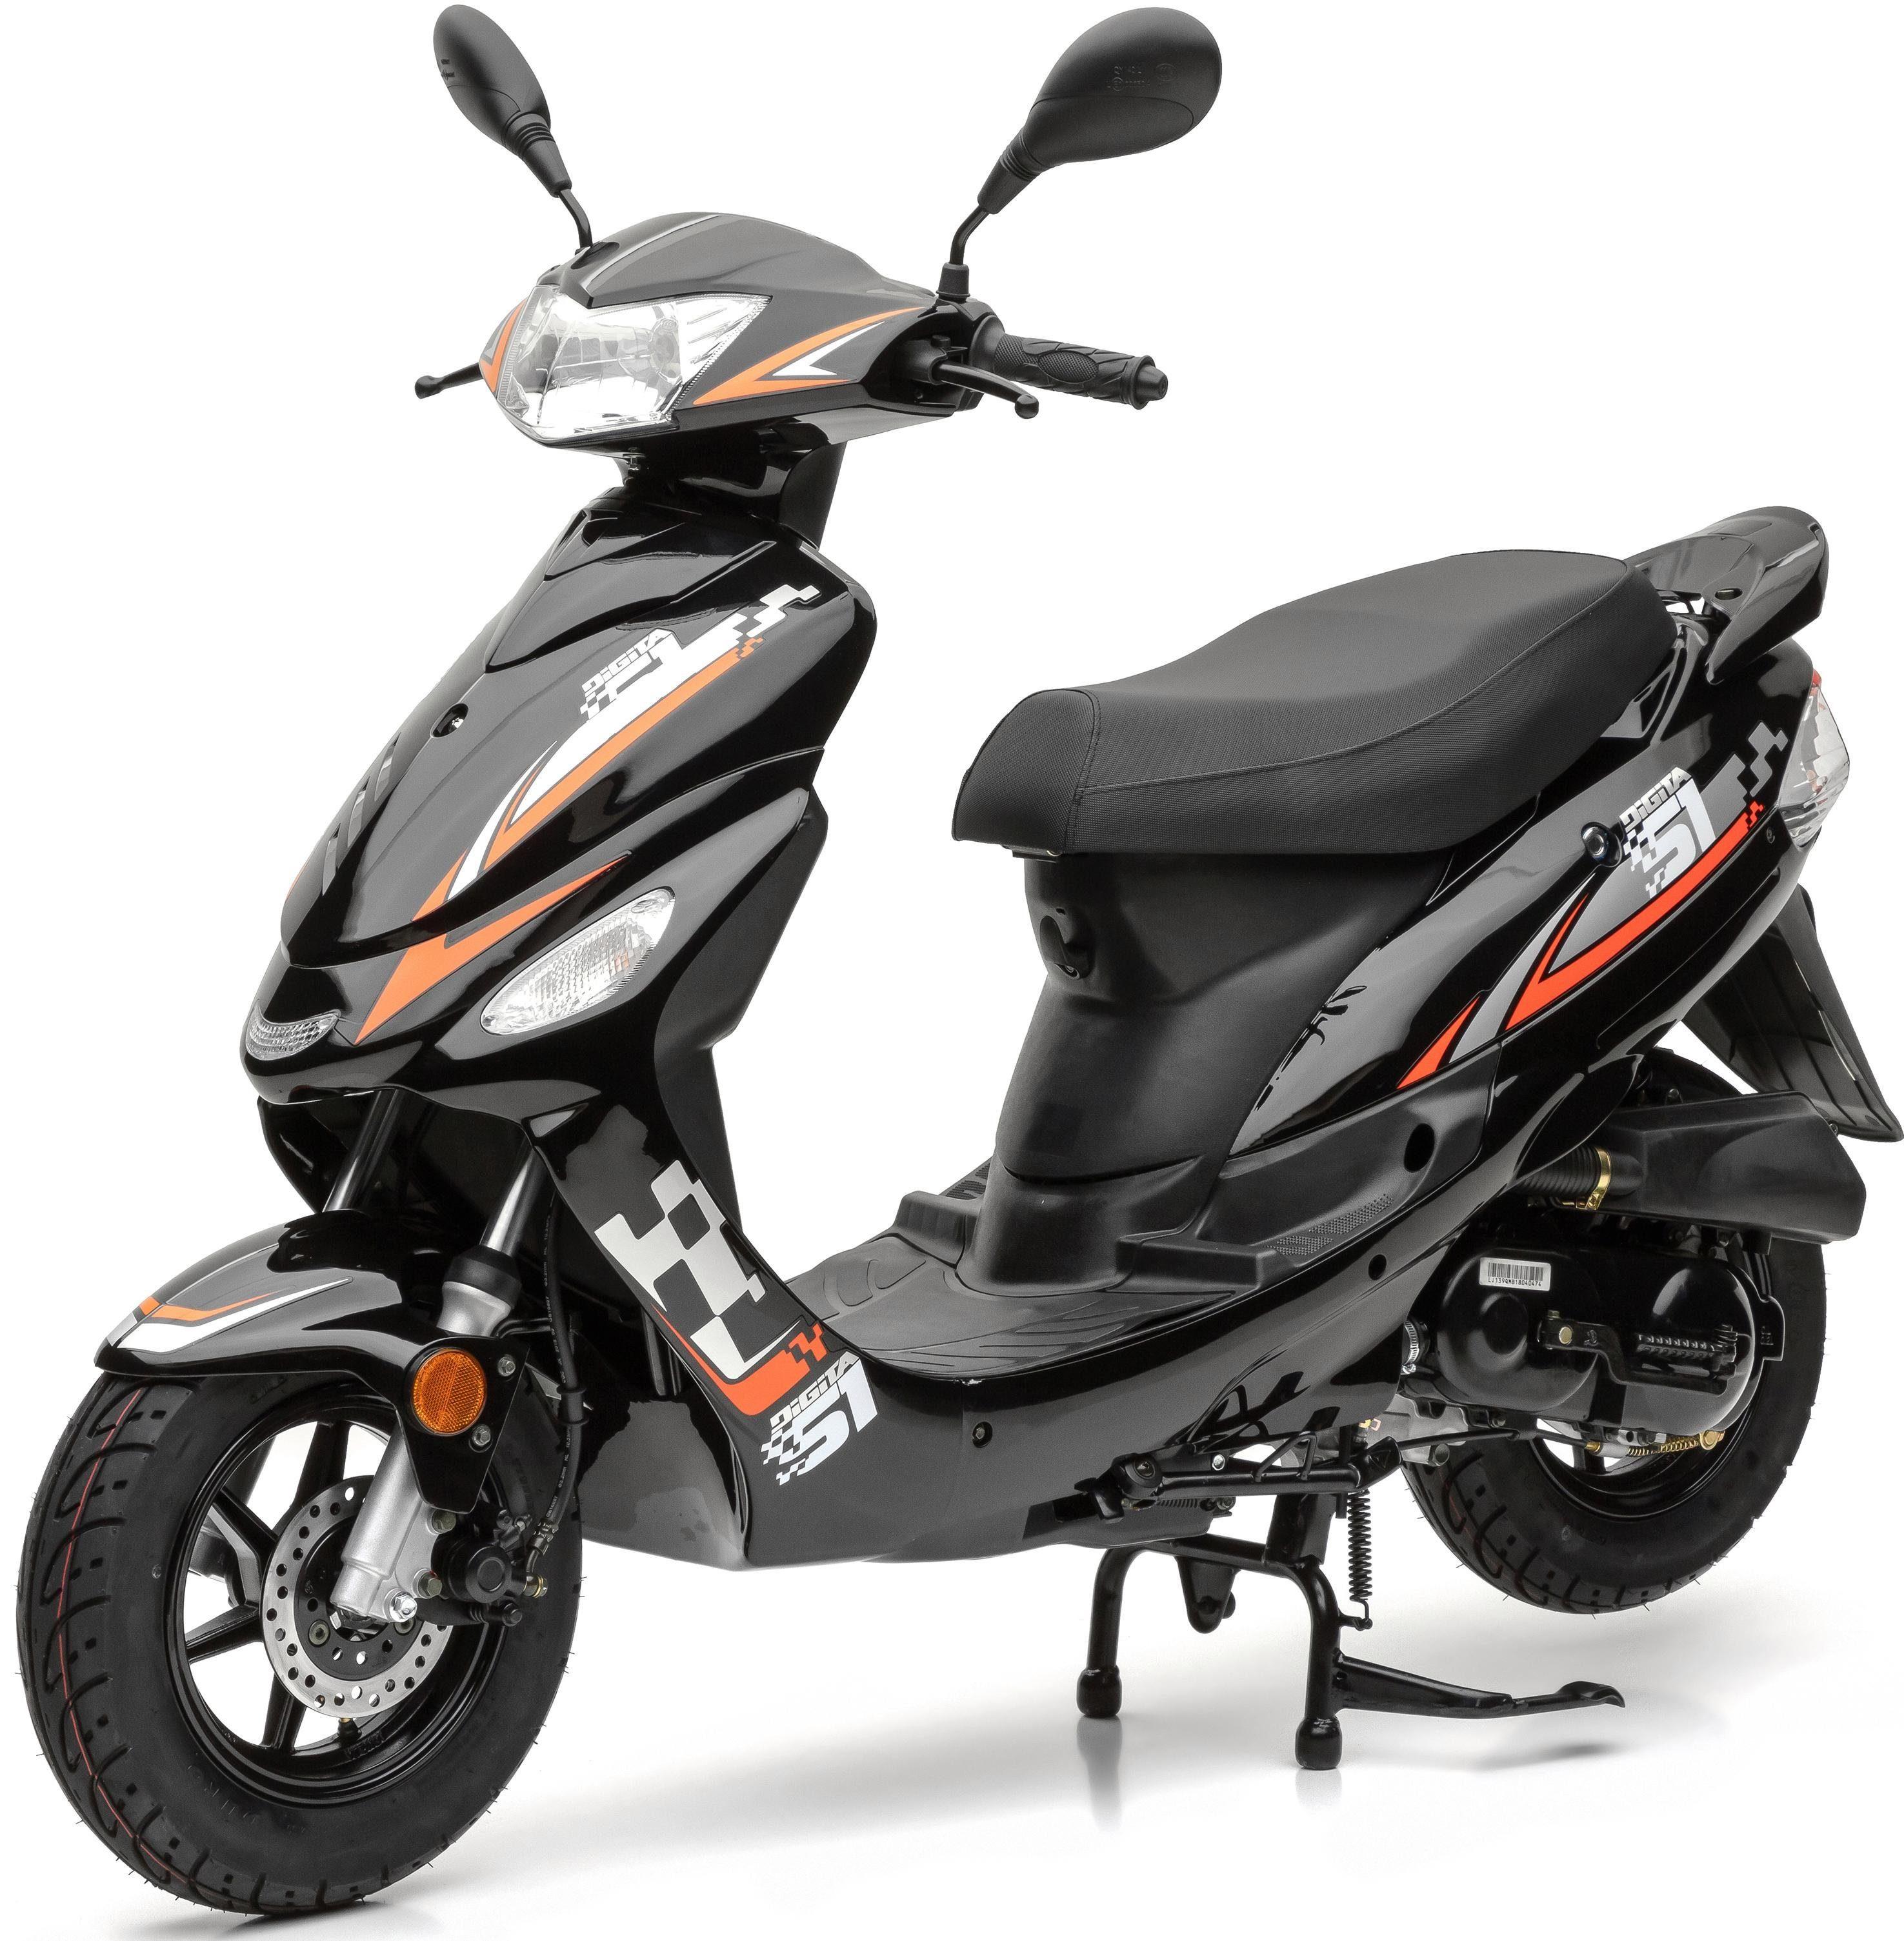 Nova Motors Motorroller »Energy«, 49 ccm, 45 km/h, Euro 4